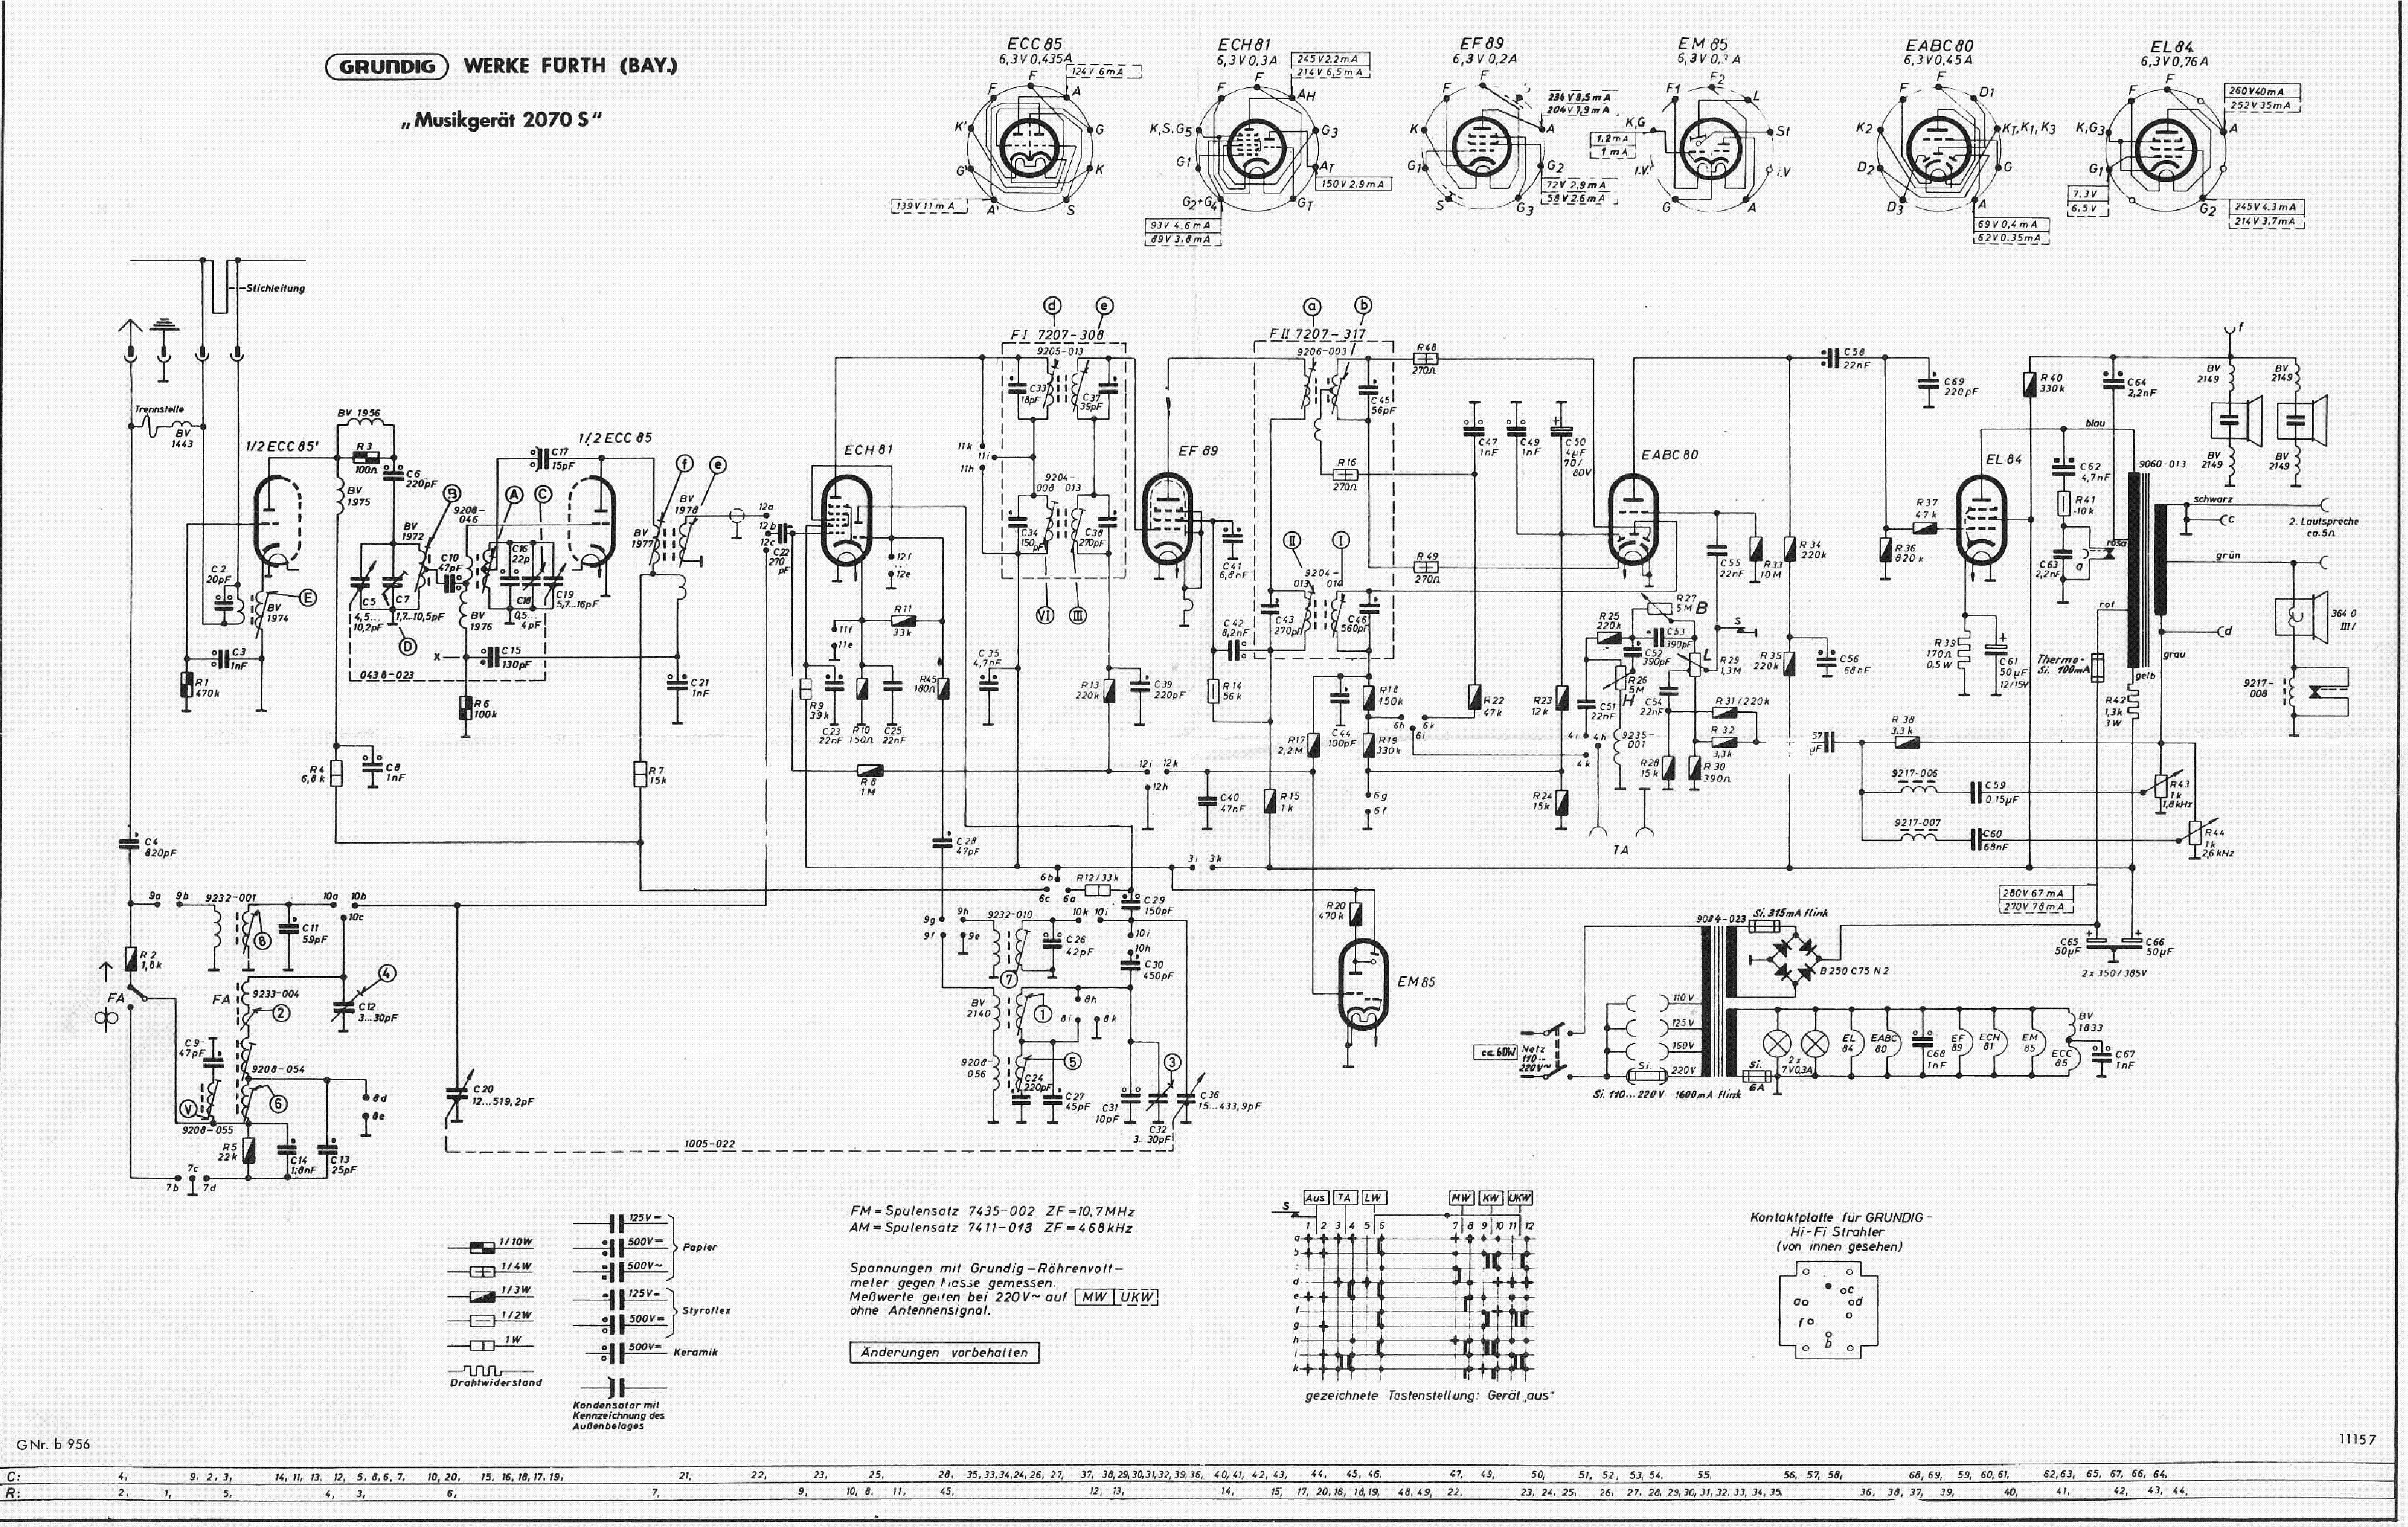 Ziemlich Fabrik Radio Schaltplan Bilder - Der Schaltplan ...